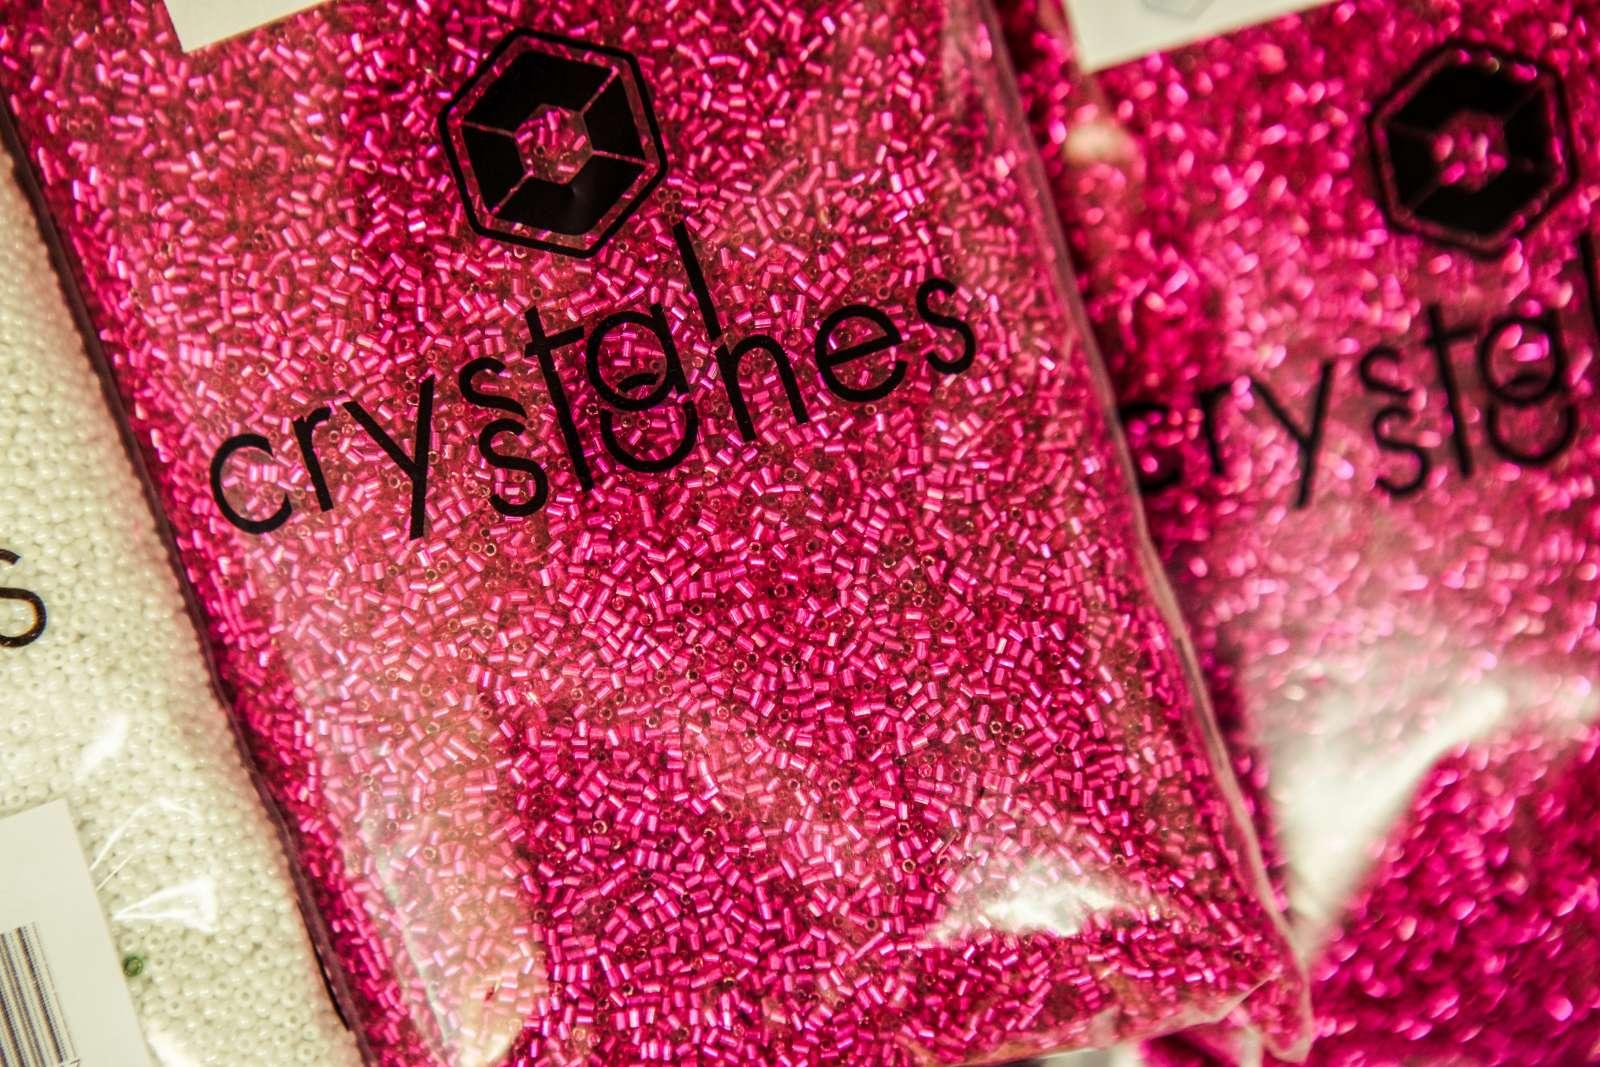 Realizzazione Siti ecommerce accessori moda: Crystal Stones - Maingage, Web agency Bari